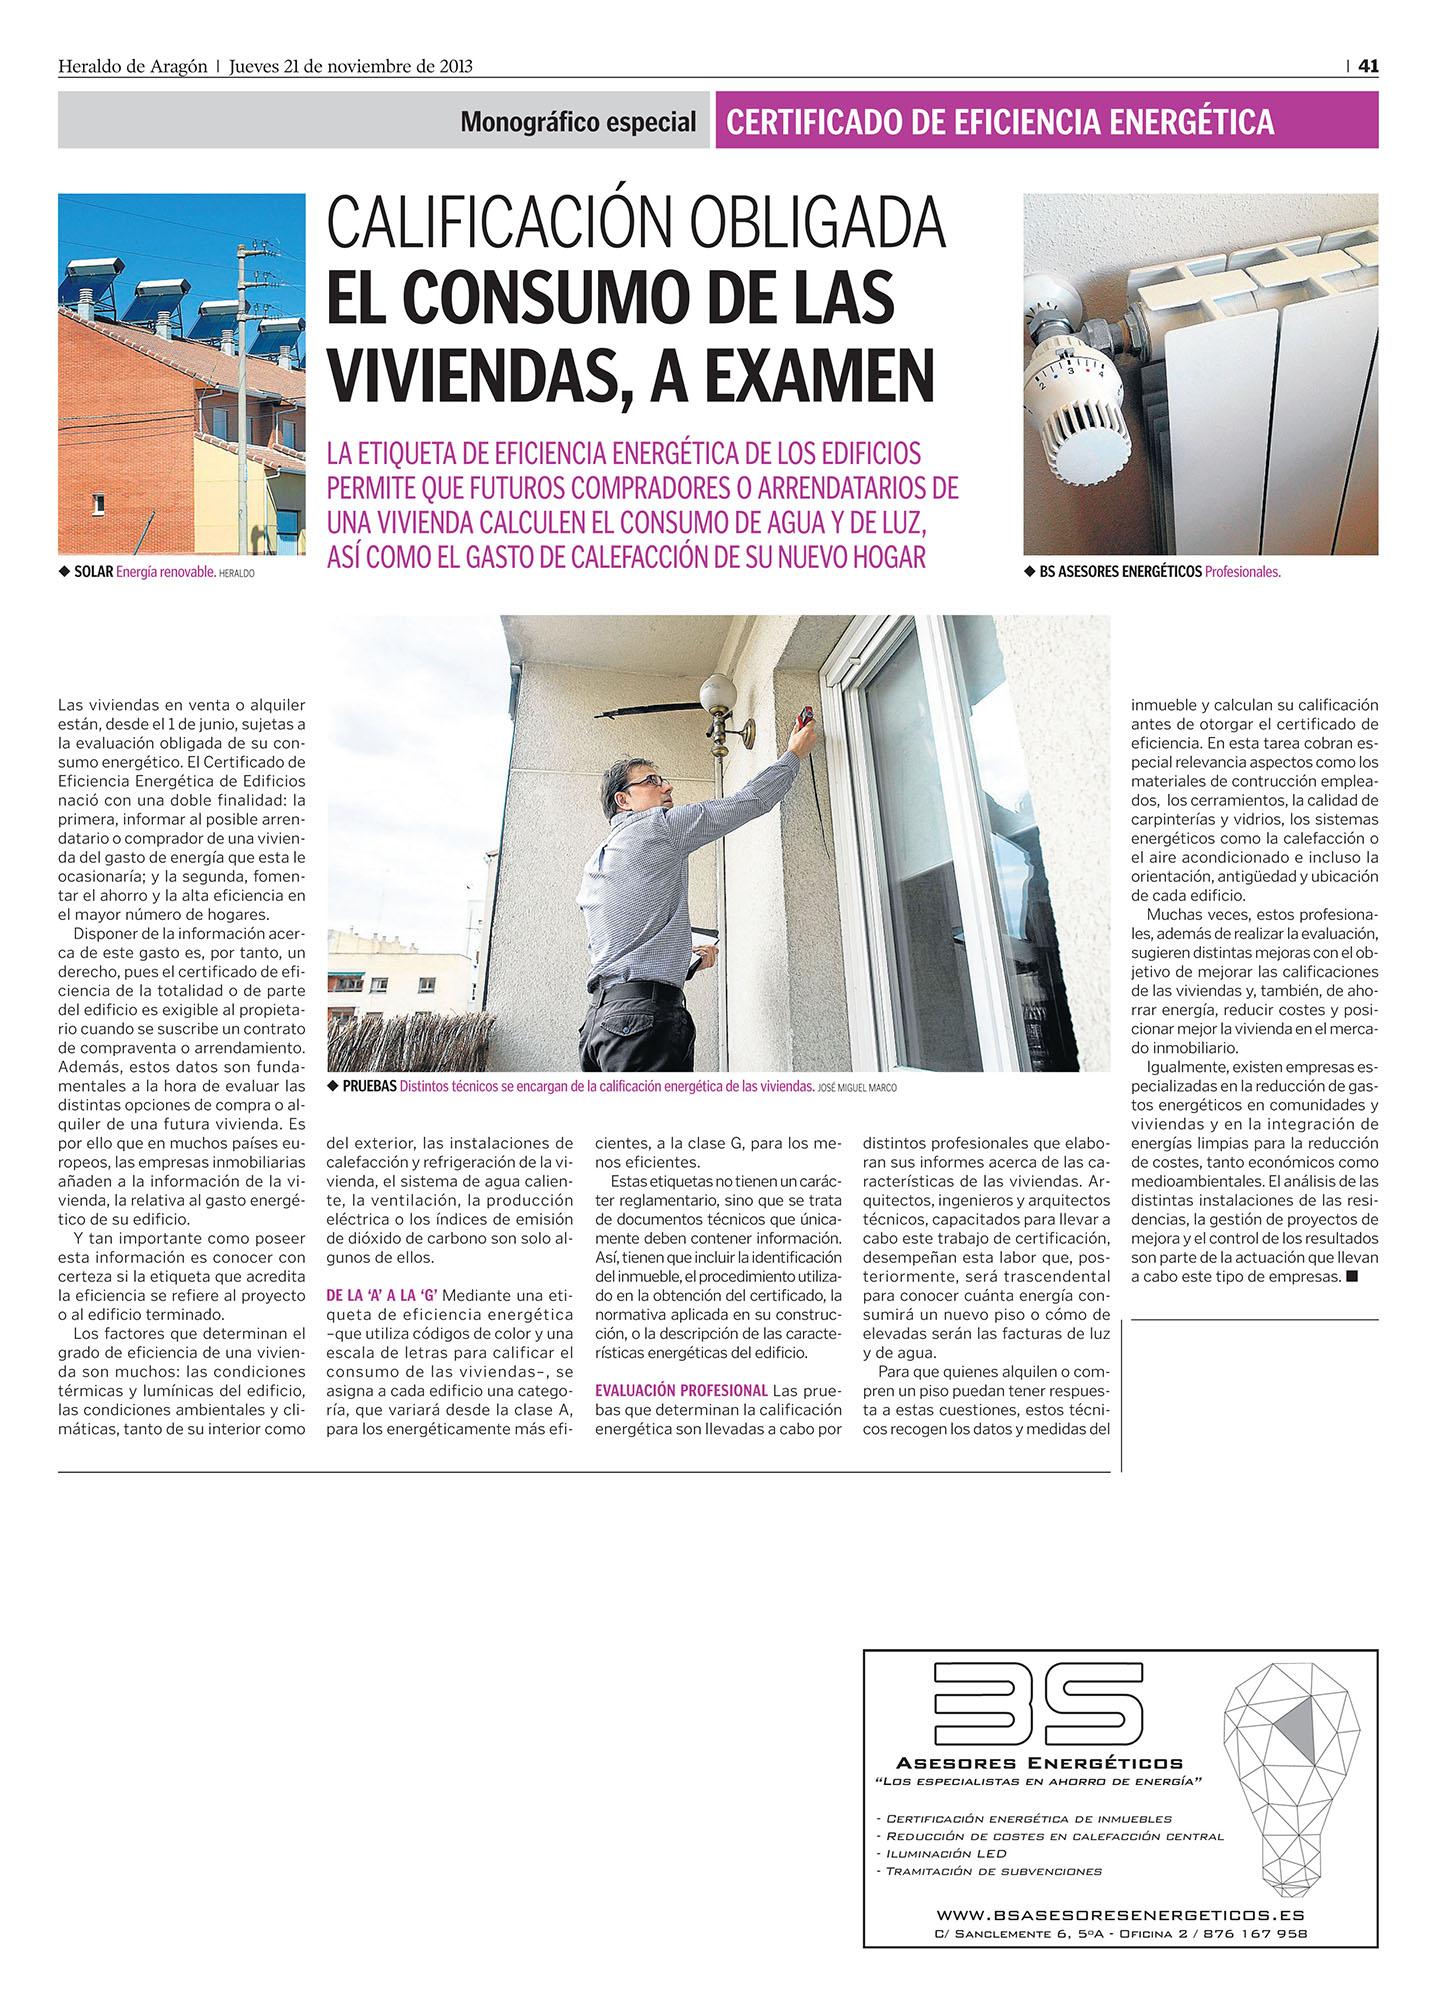 Heraldo de Aragón – BS Asesores Energéticos – Certificación energética – Certificado energético